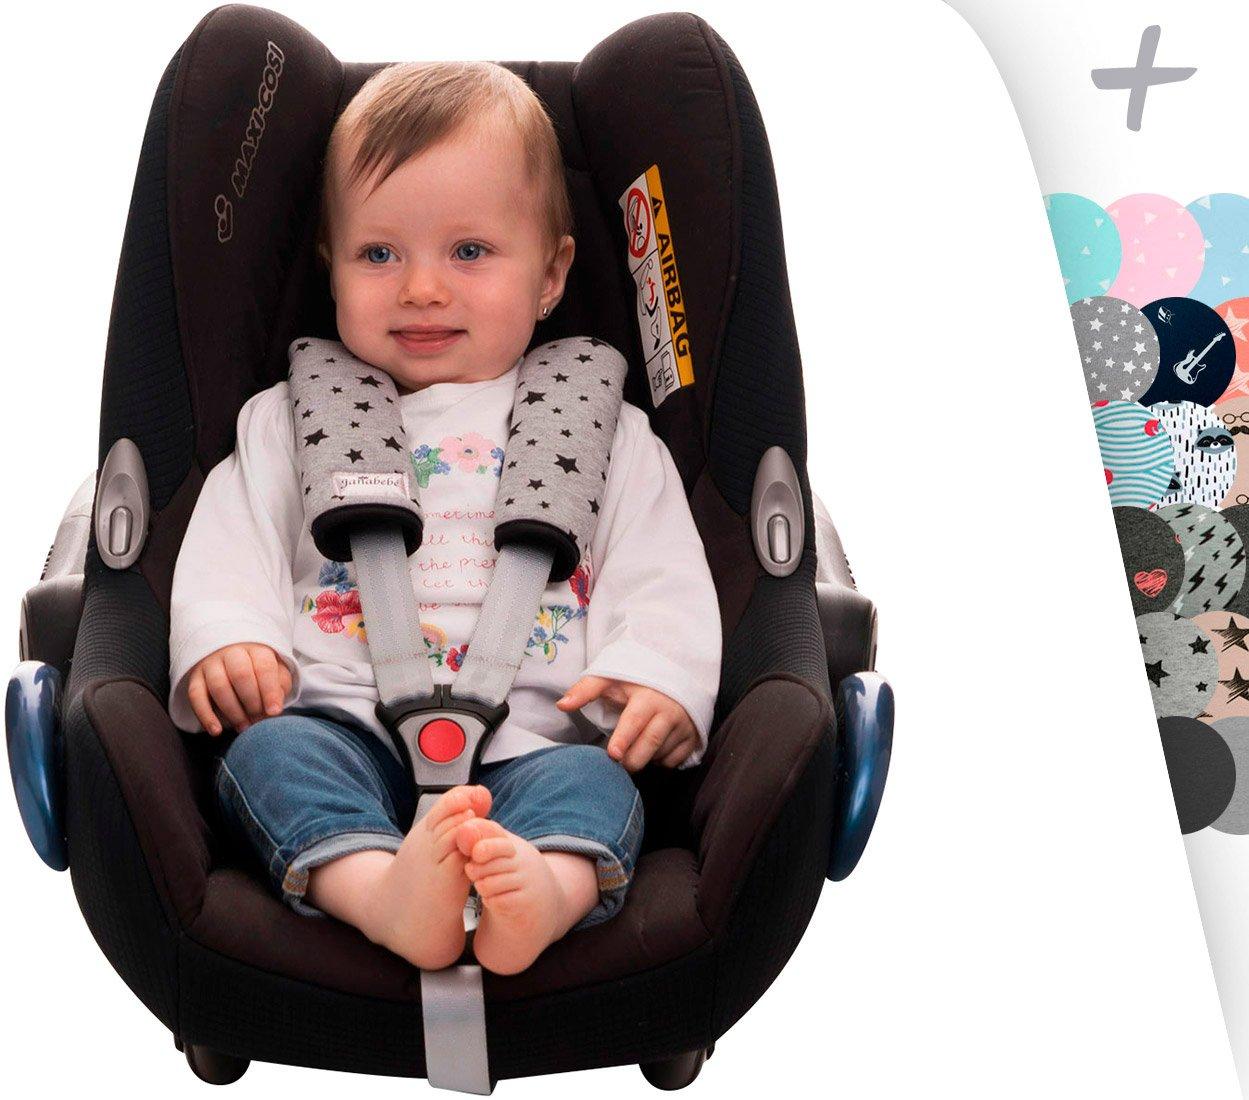 JANABEBE Gurtpolster Gurtpolster Set - universal für Babyschale, Buggy, Kinderwagen, Autositz (z.B. Maxi Cosi City SPS, Cabrio, Cybex Aton usw.) CY/F06/020/100